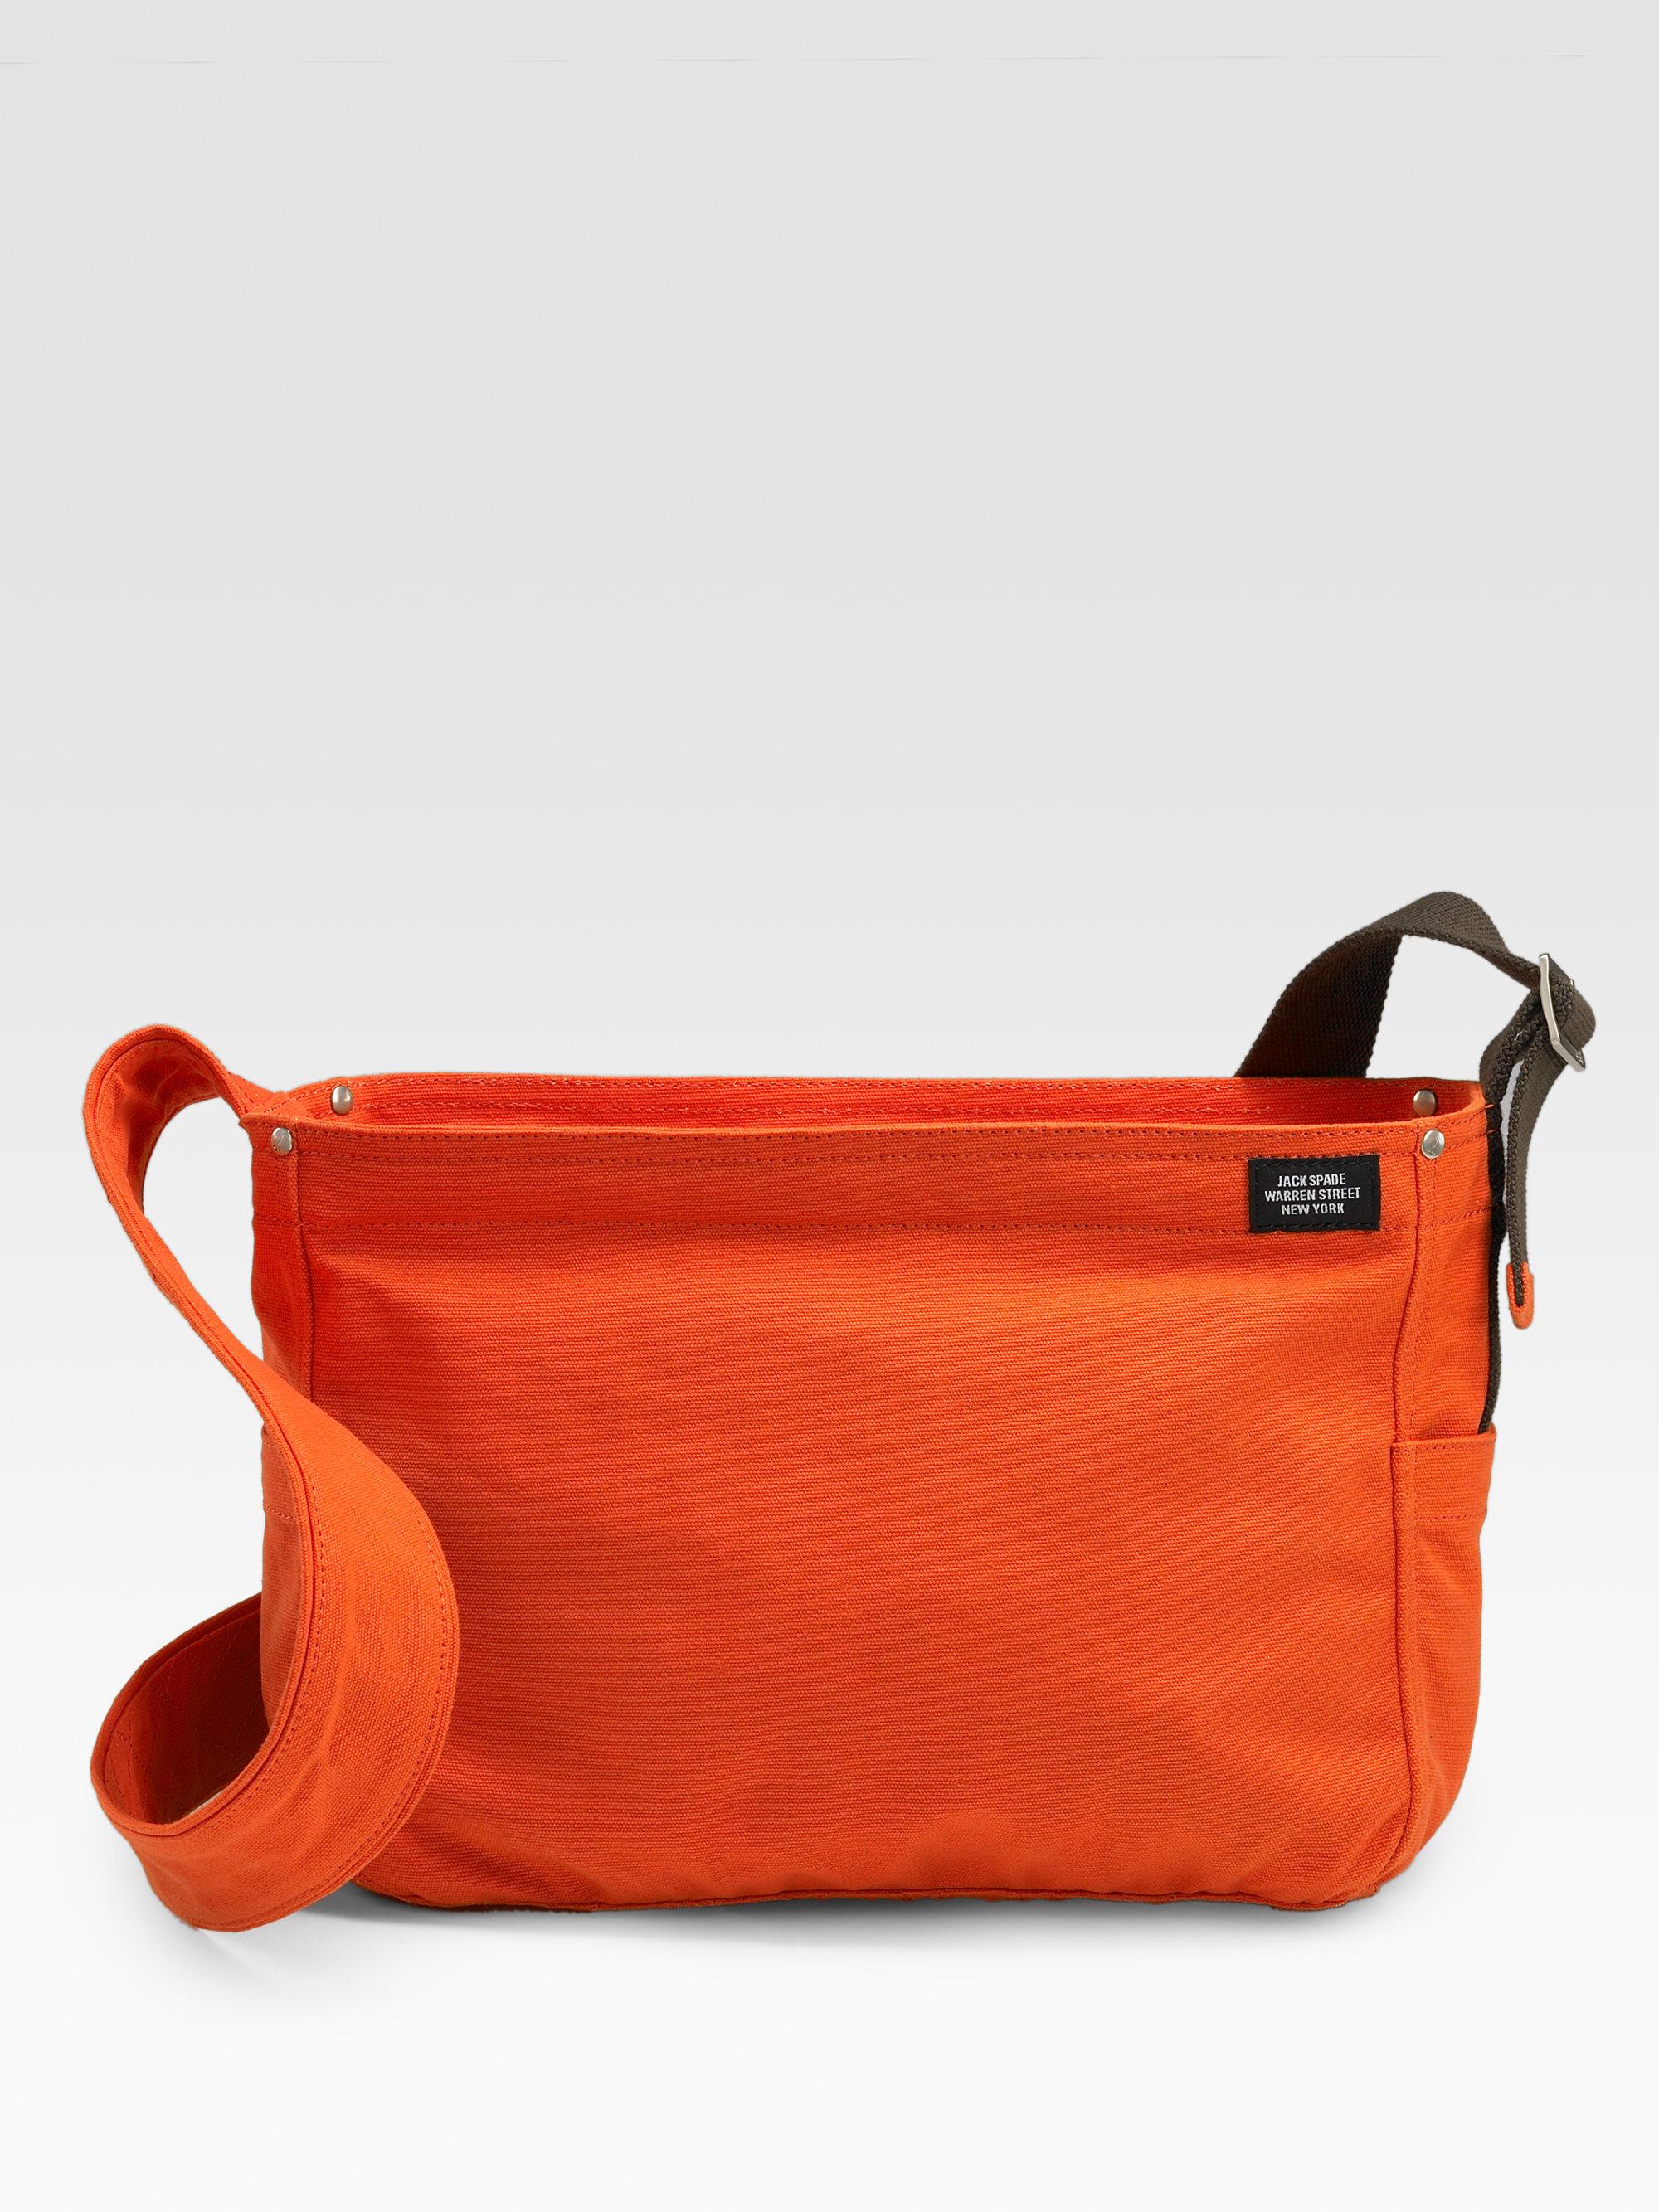 2cf1979d8d49 Lyst - Jack Spade Lightweight Canvas Messenger Bag in Orange for Men